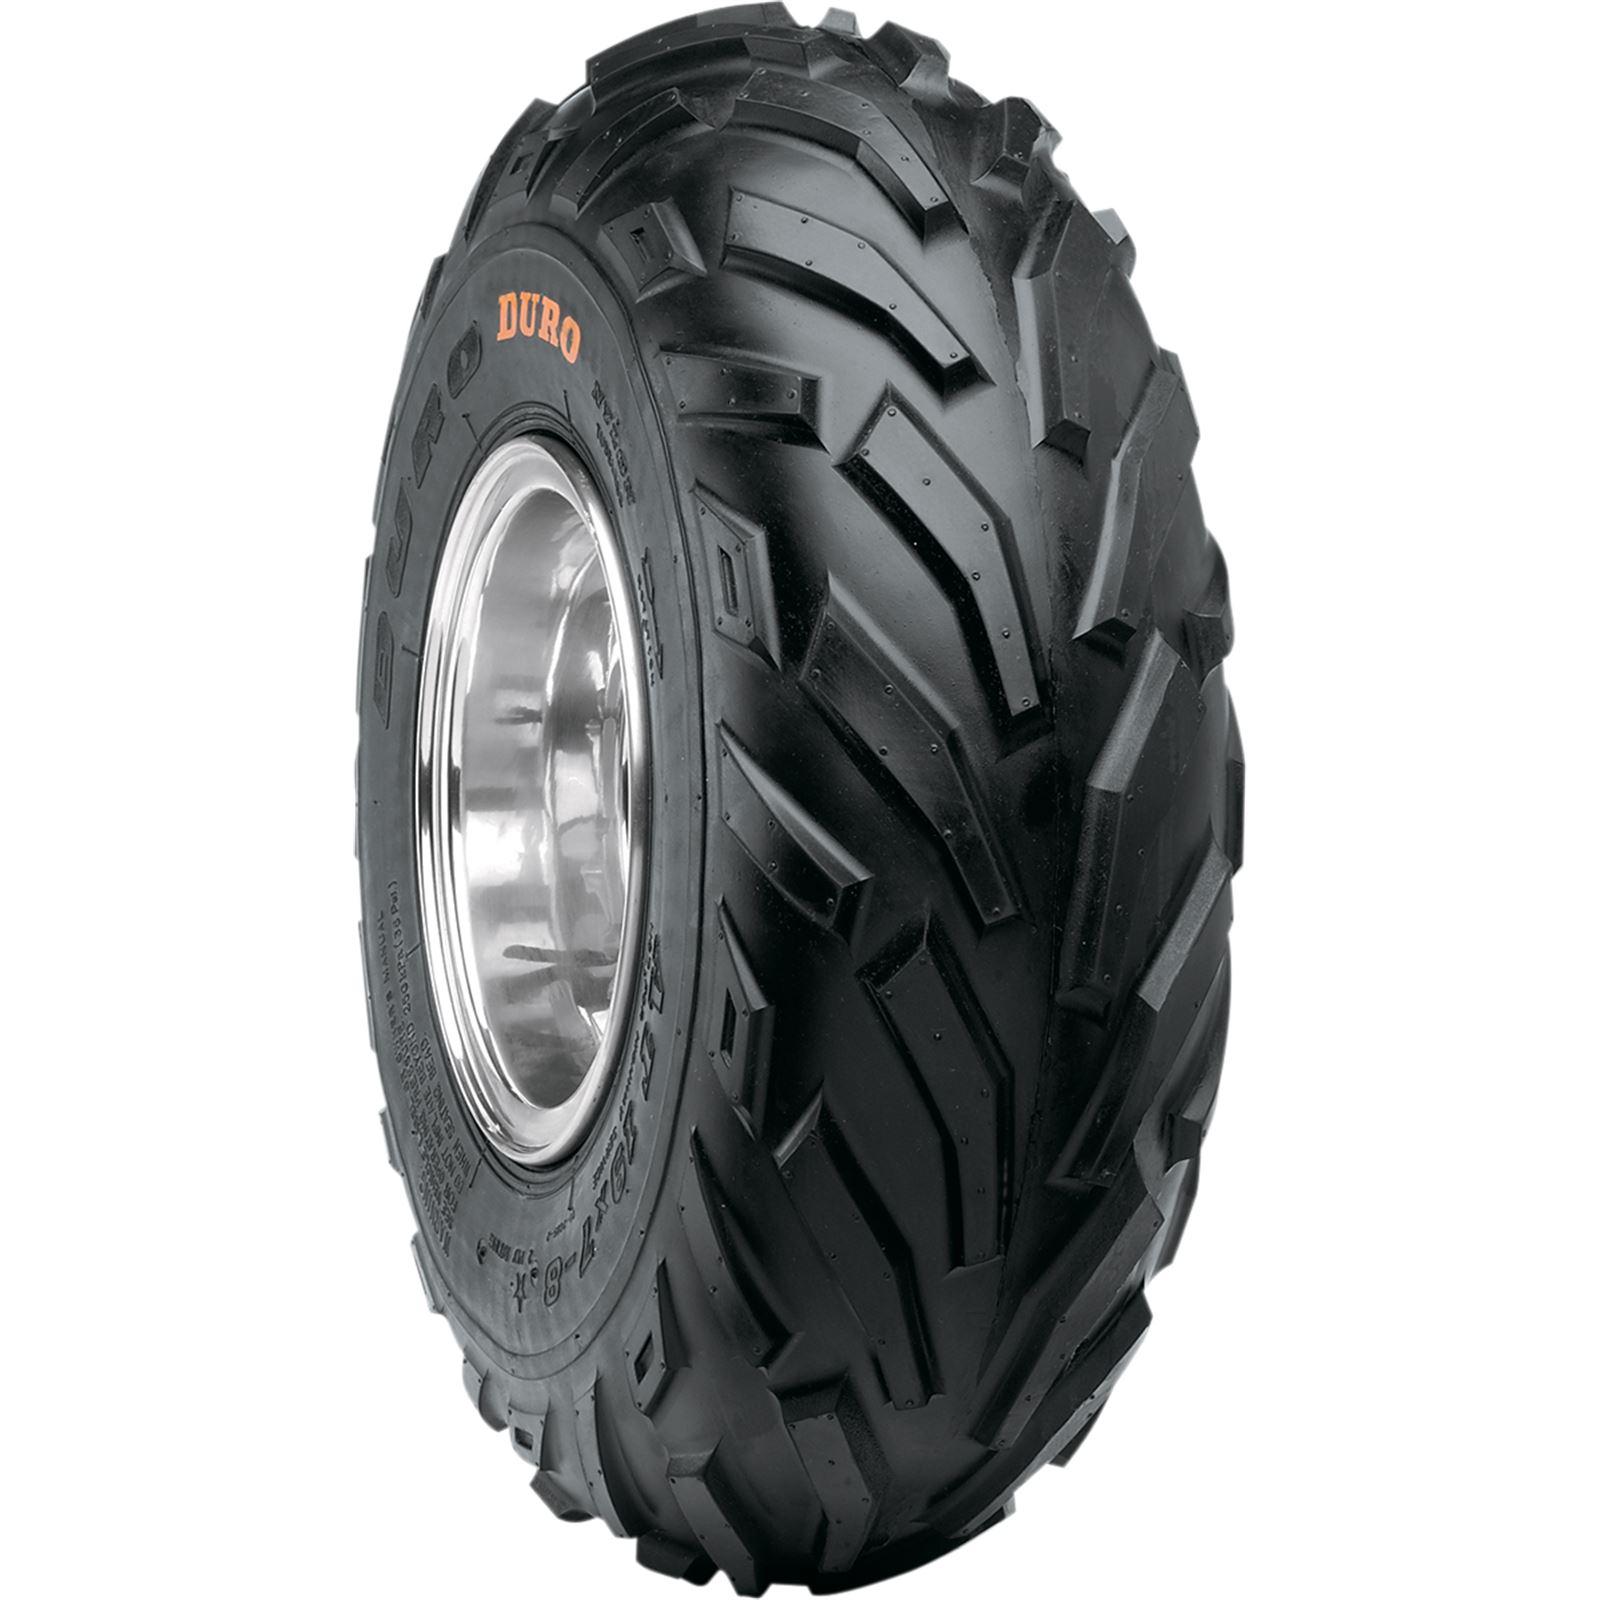 Duro Tire DI2005 - 19X7-8 - 2 Ply